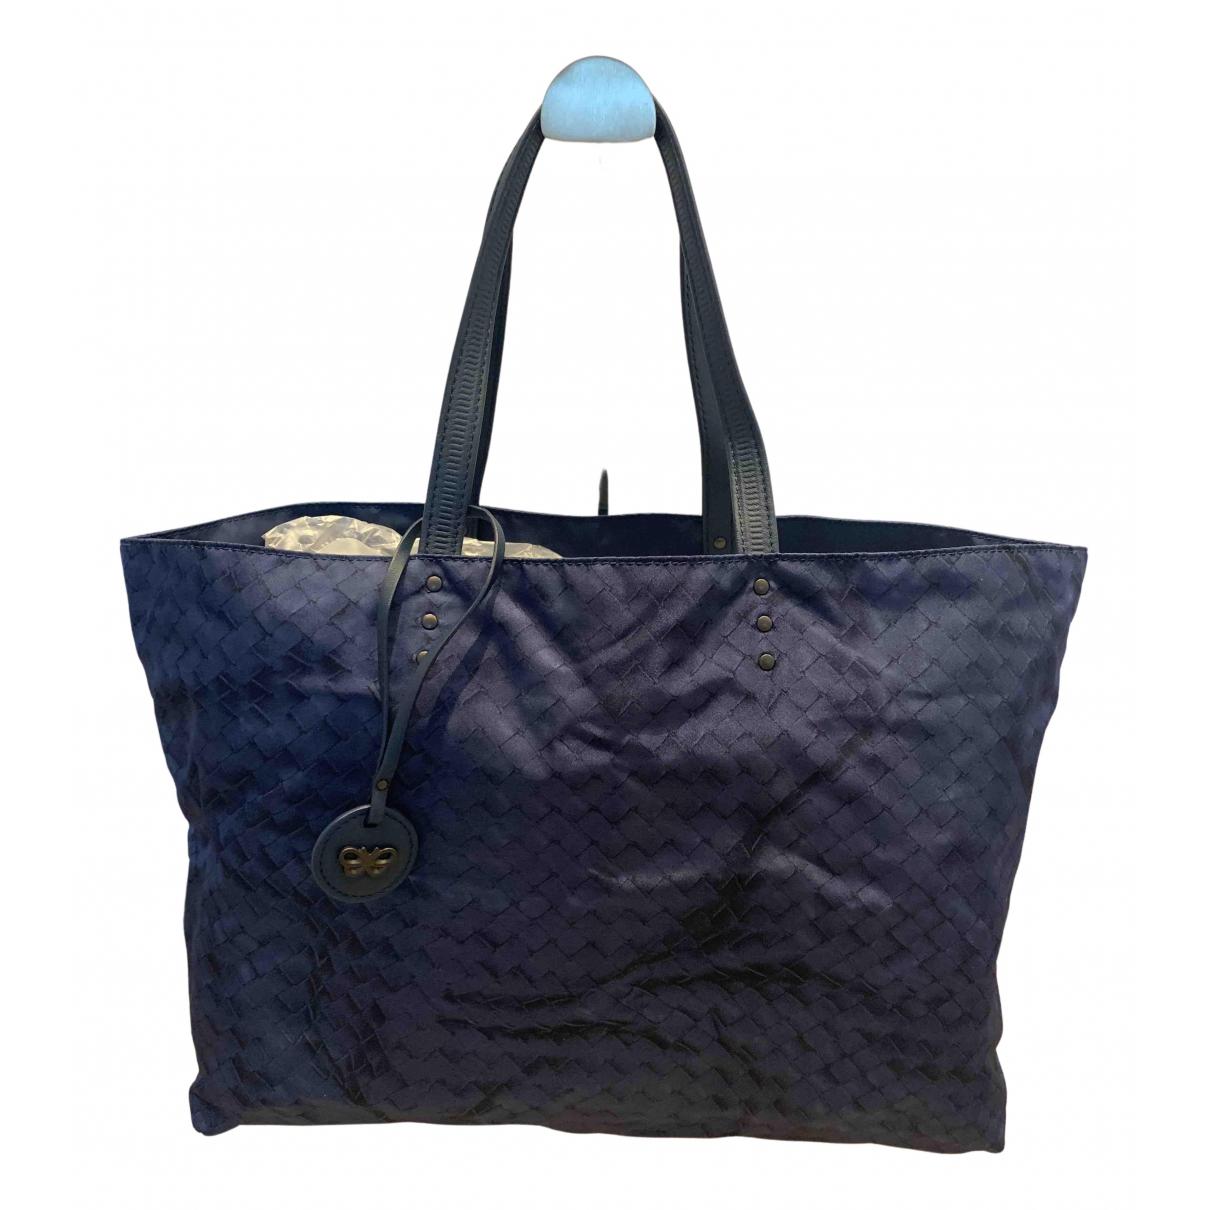 Bottega Veneta \N Handtasche in  Blau Leinen